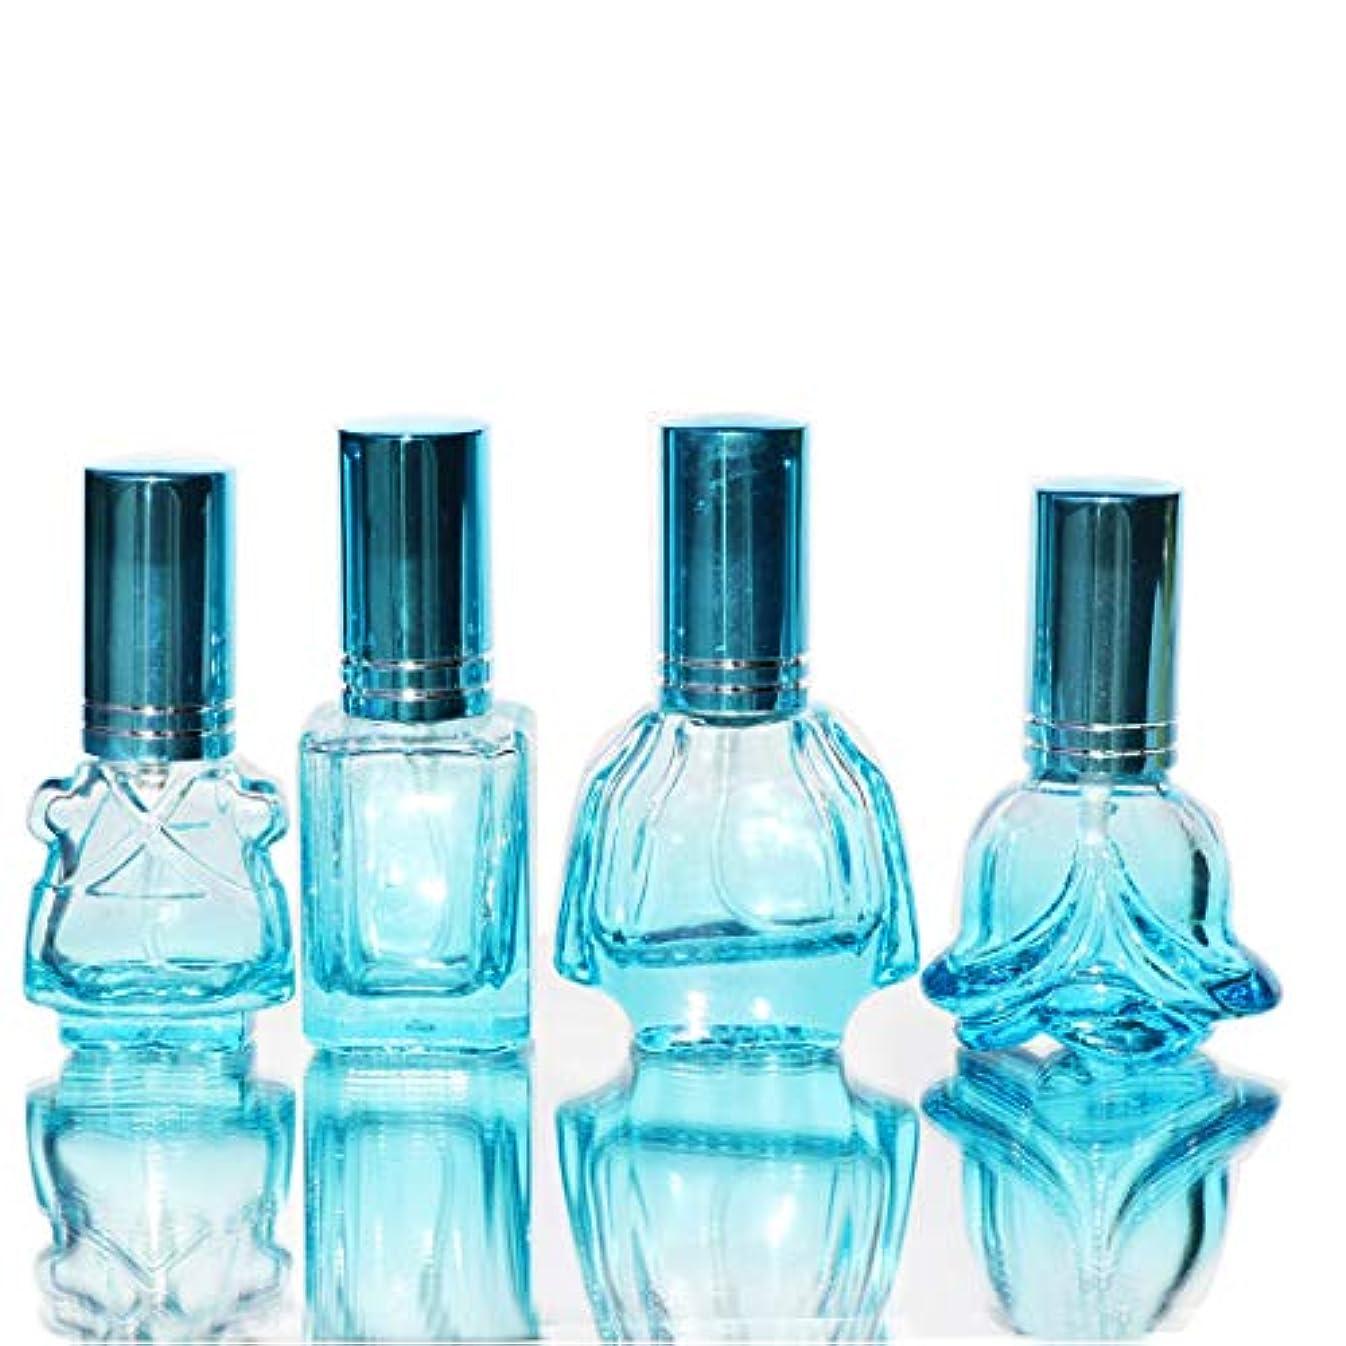 無臭建てる断言するWaltz&F カラフル ガラス製香水瓶 フレグランスボトル 詰替用瓶 空き アトマイザー 分け瓶 旅行用品 化粧水用瓶